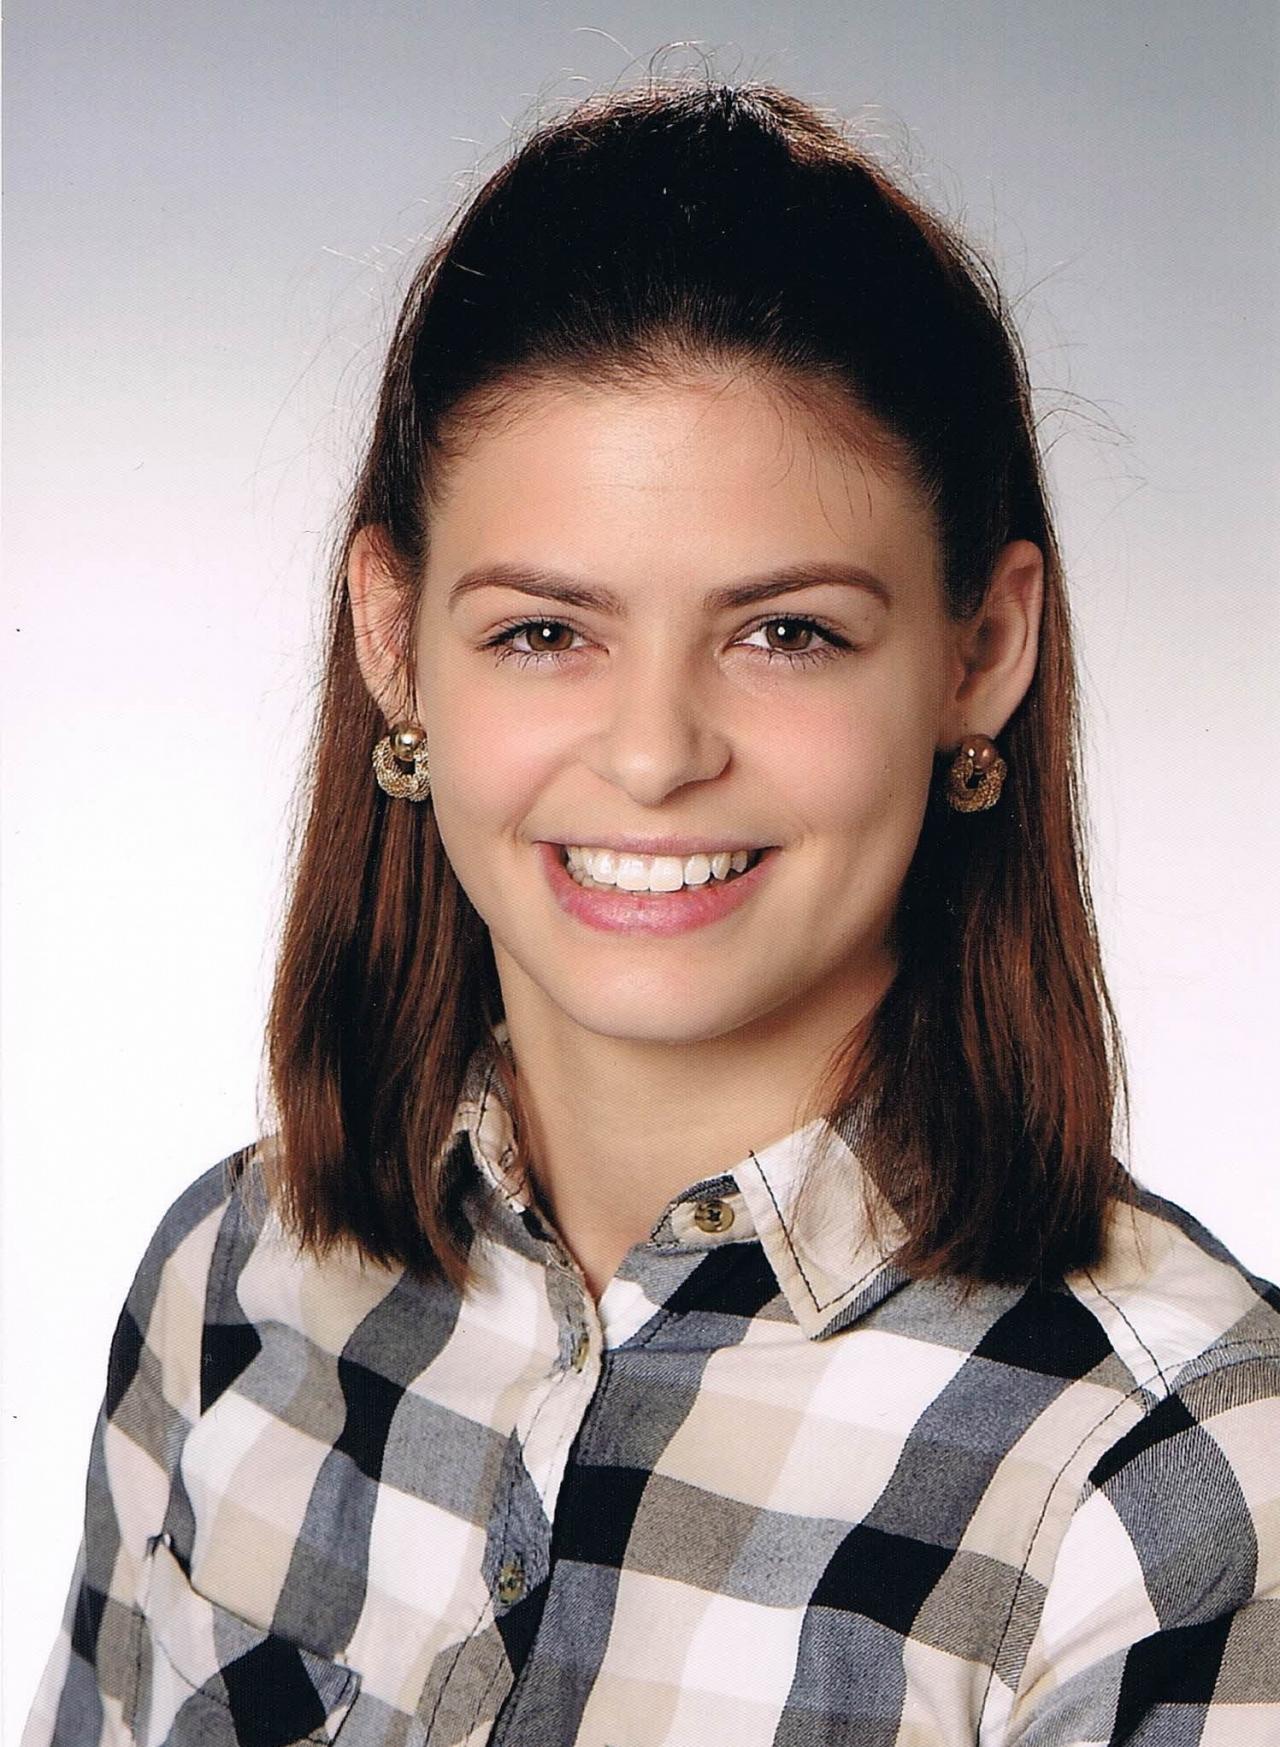 Desiree Puckmayr